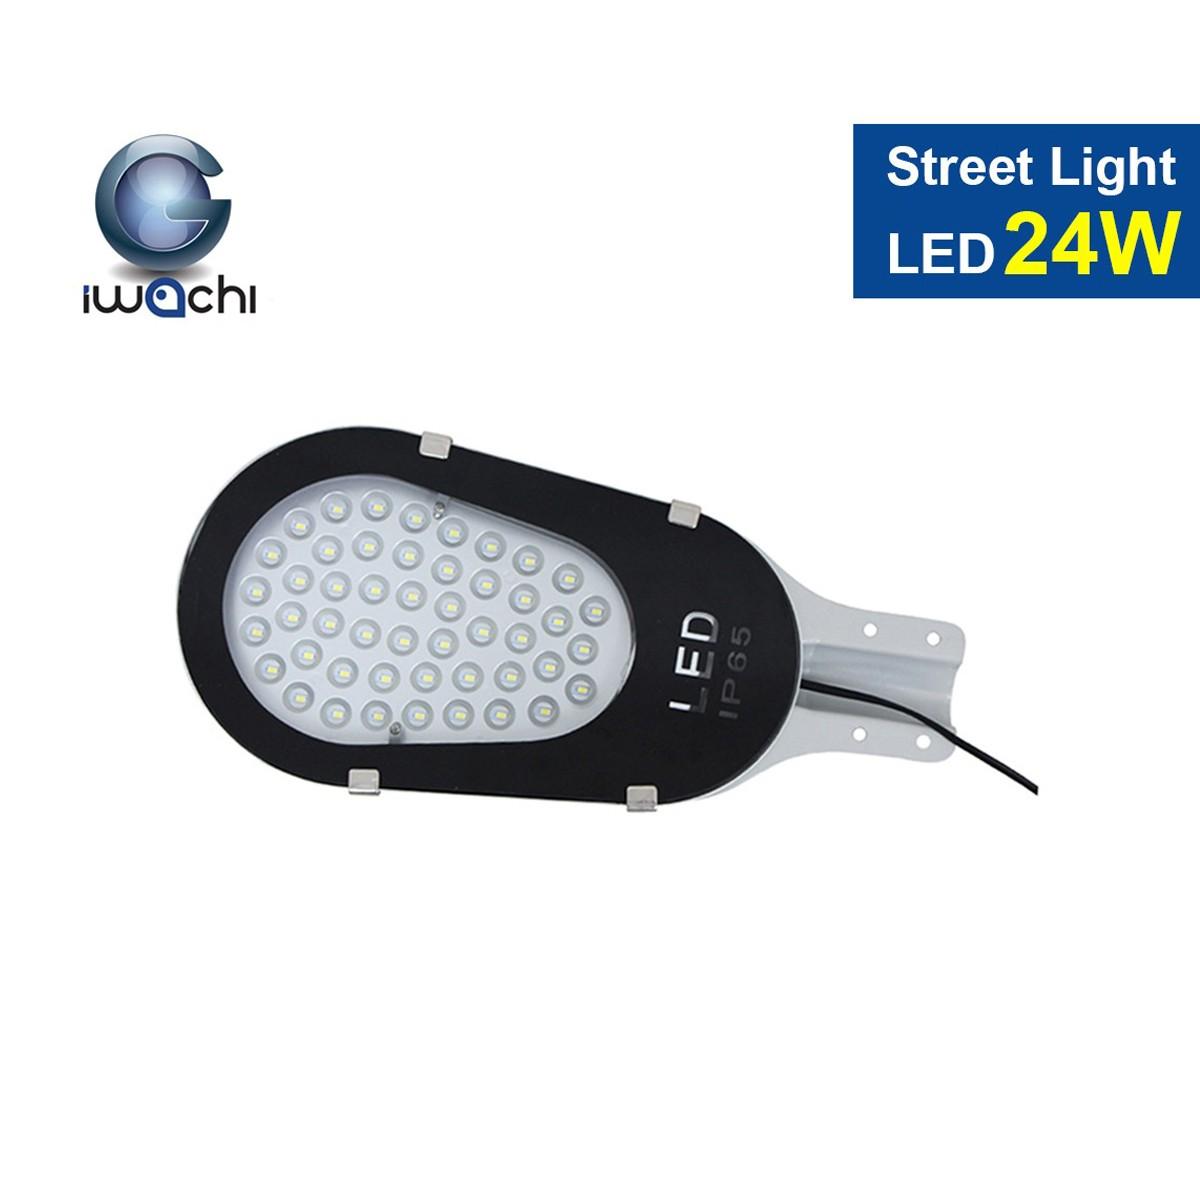 โคมไฟถนน LED Street Light พร้อมขายึด 24w (เดย์ไลท์) IWACHI